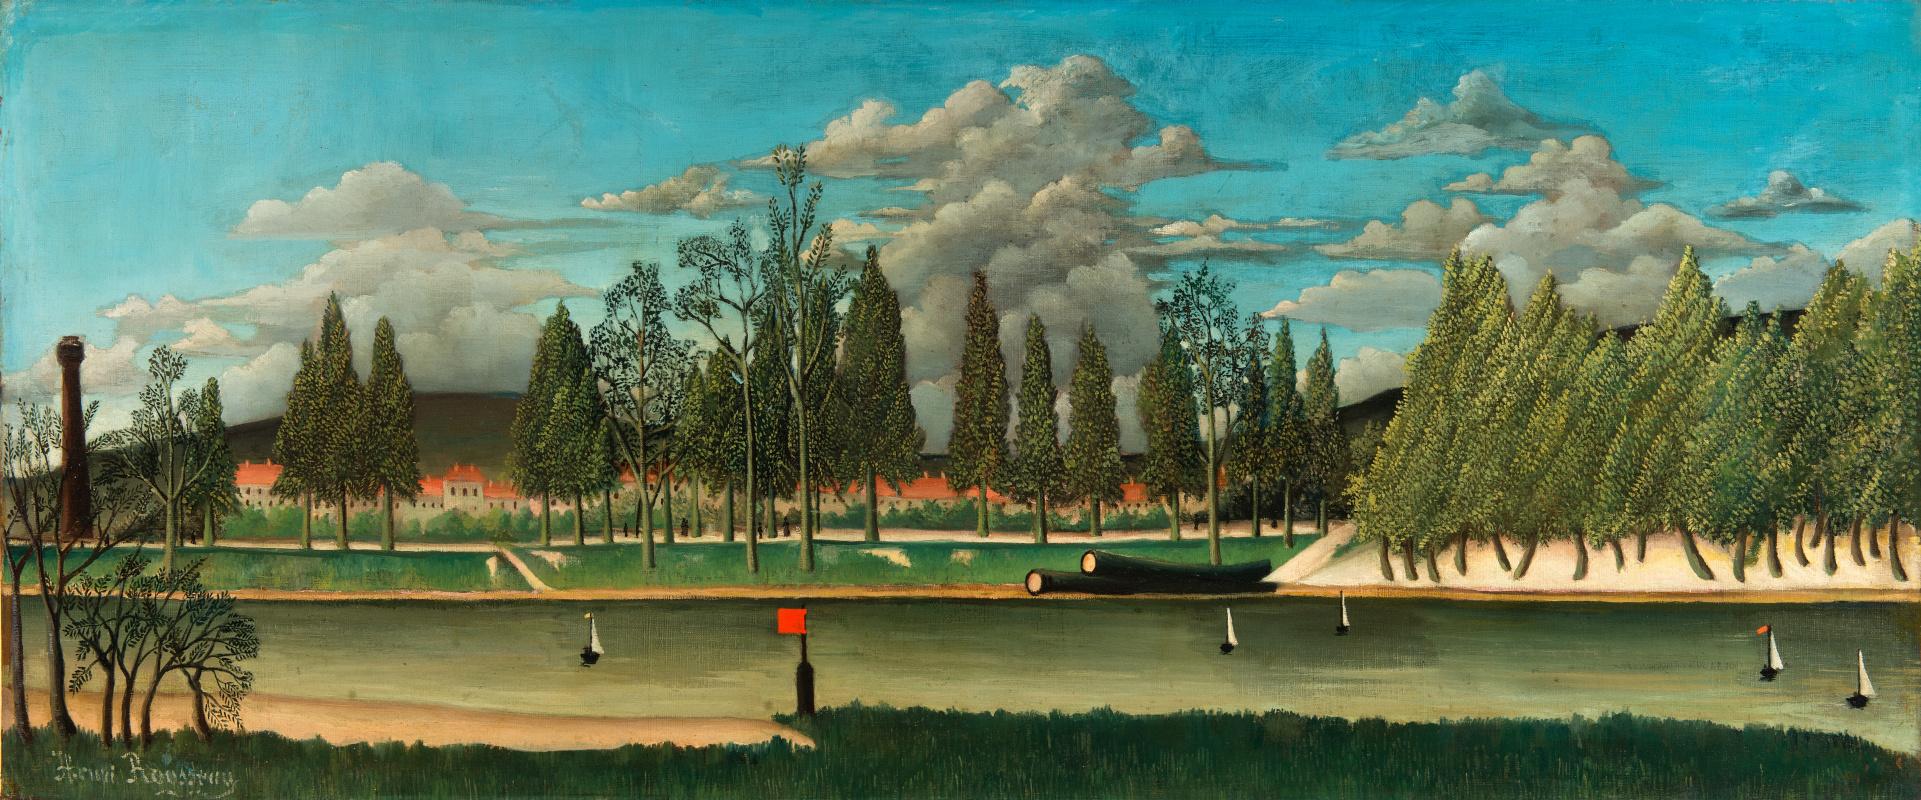 Анри Руссо. Канал и ландшафт со стволами деревьев